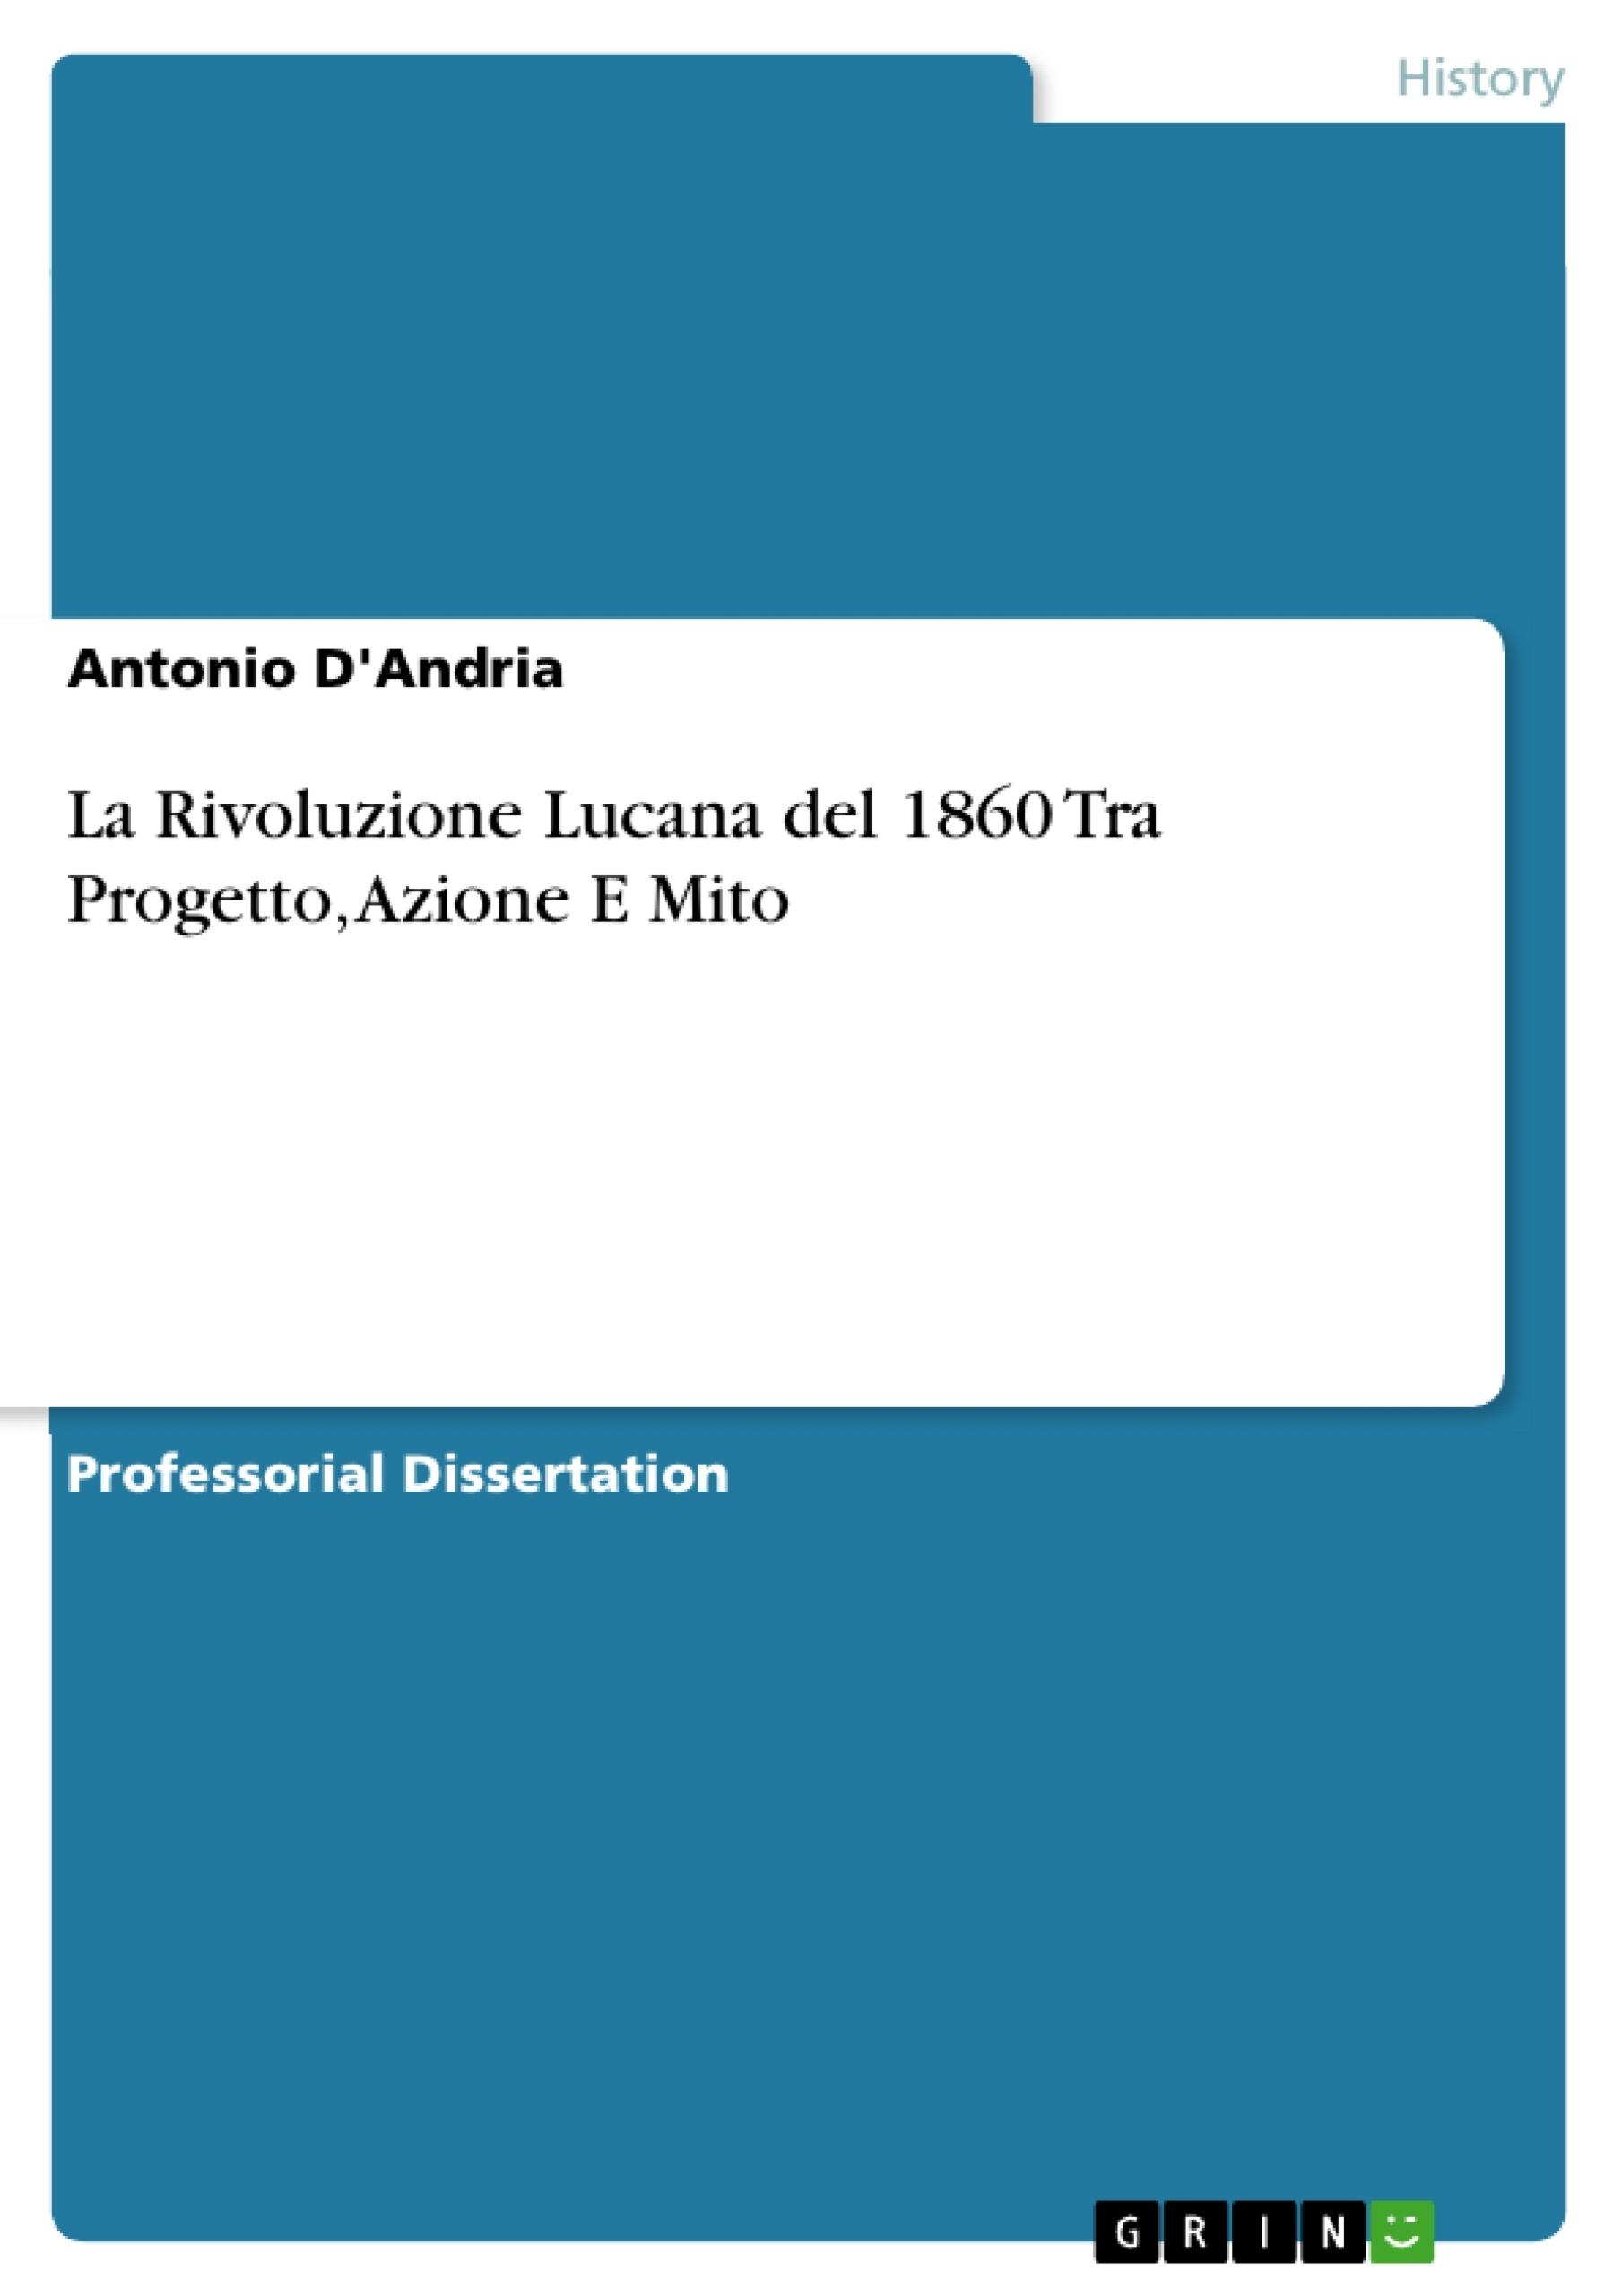 Title: La Rivoluzione Lucana del 1860 Tra Progetto, Azione E Mito